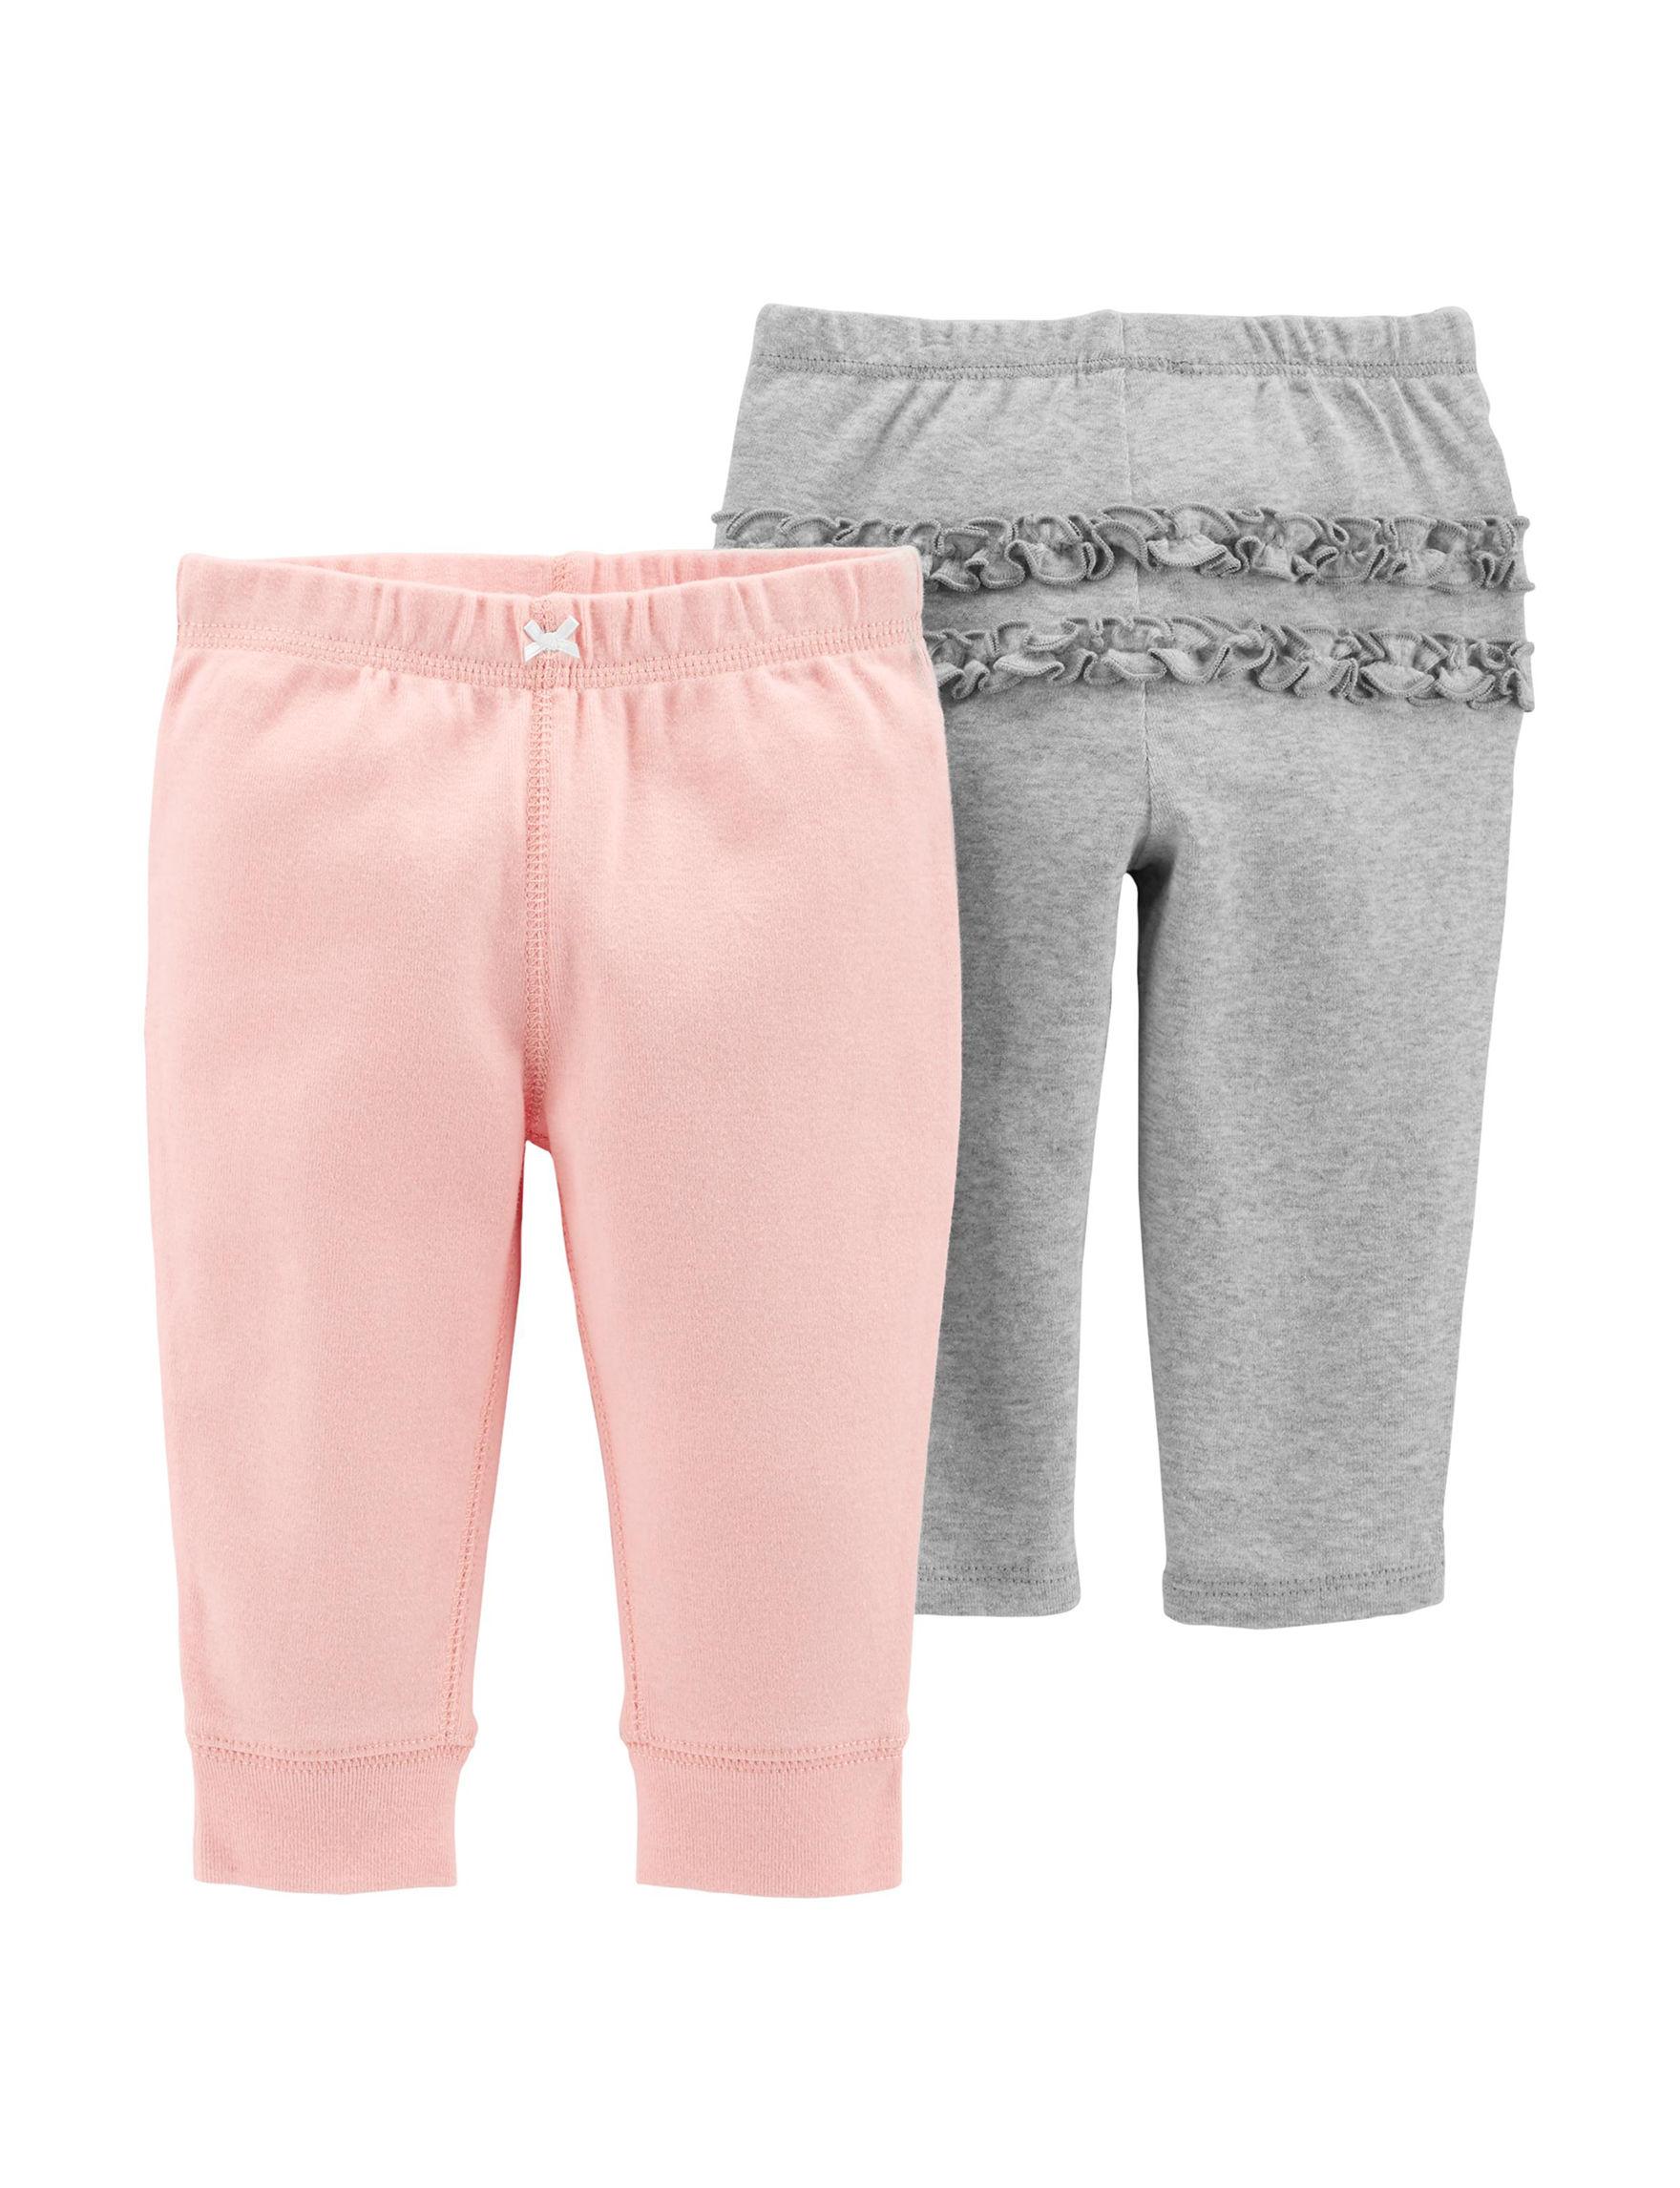 Carter's Grey / Pink